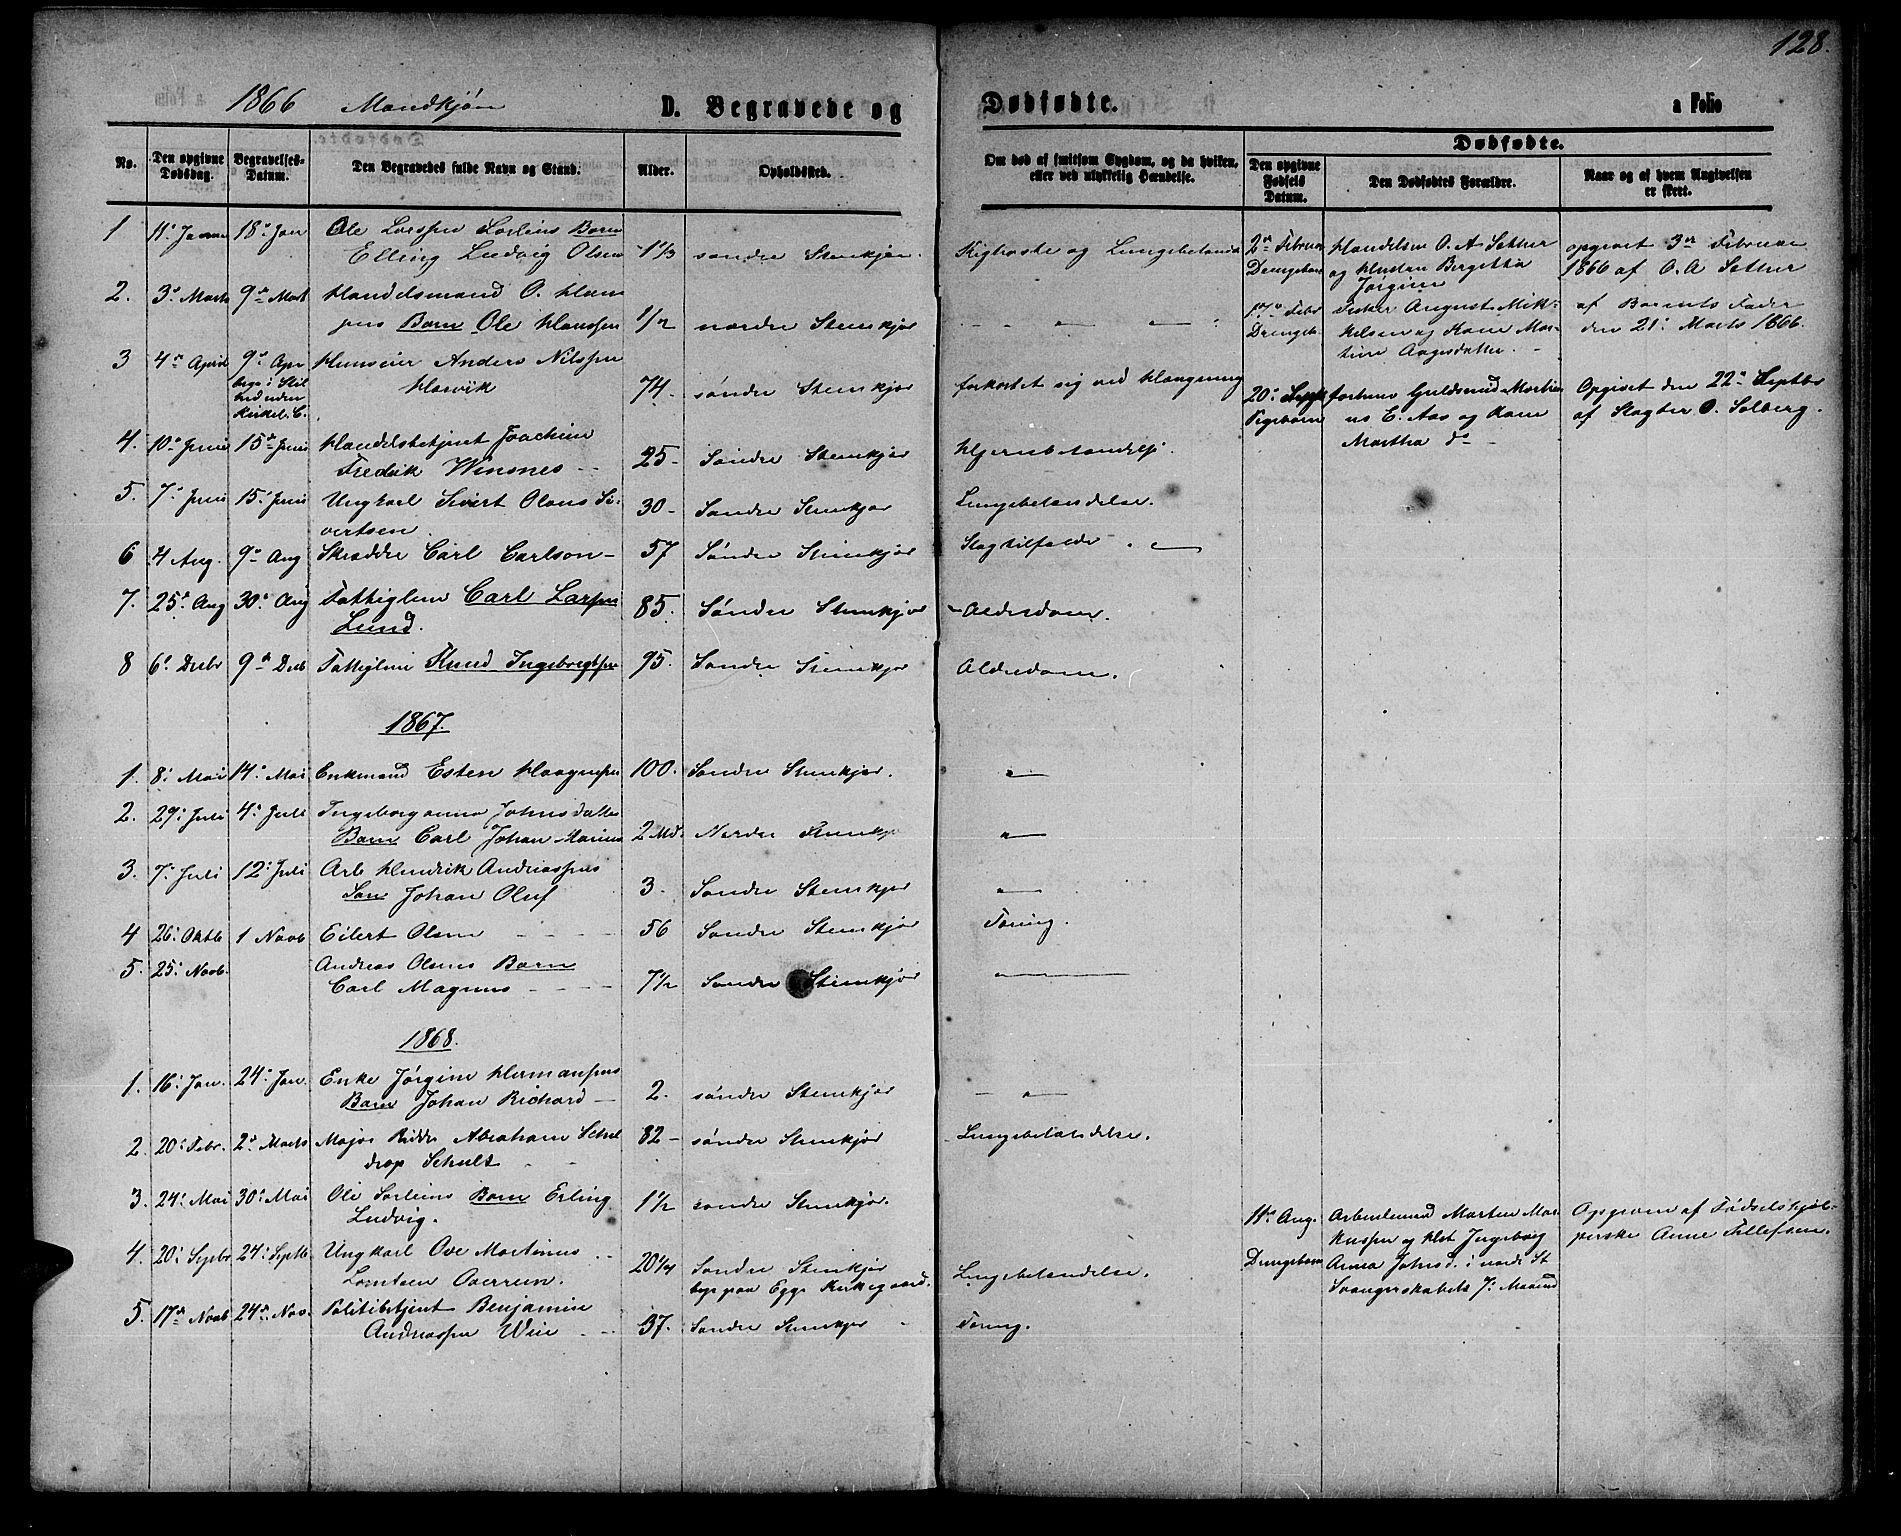 SAT, Ministerialprotokoller, klokkerbøker og fødselsregistre - Nord-Trøndelag, 739/L0373: Klokkerbok nr. 739C01, 1865-1882, s. 128